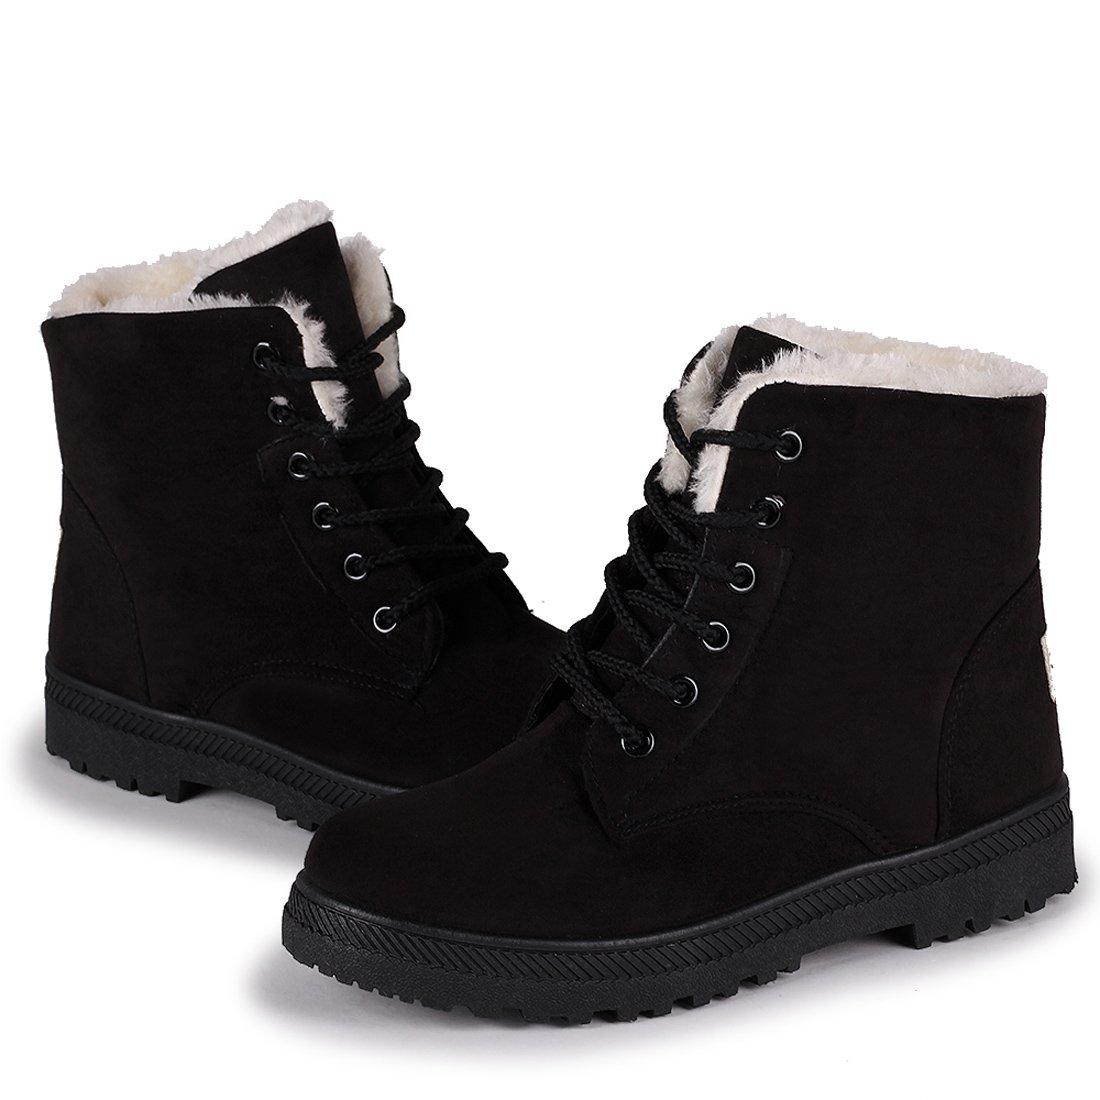 Susanny Suede Flat Platform Sneaker Shoes Plus Velvet Winter Women's Lace up Black Cotton Snow Boots 8 B (M) US